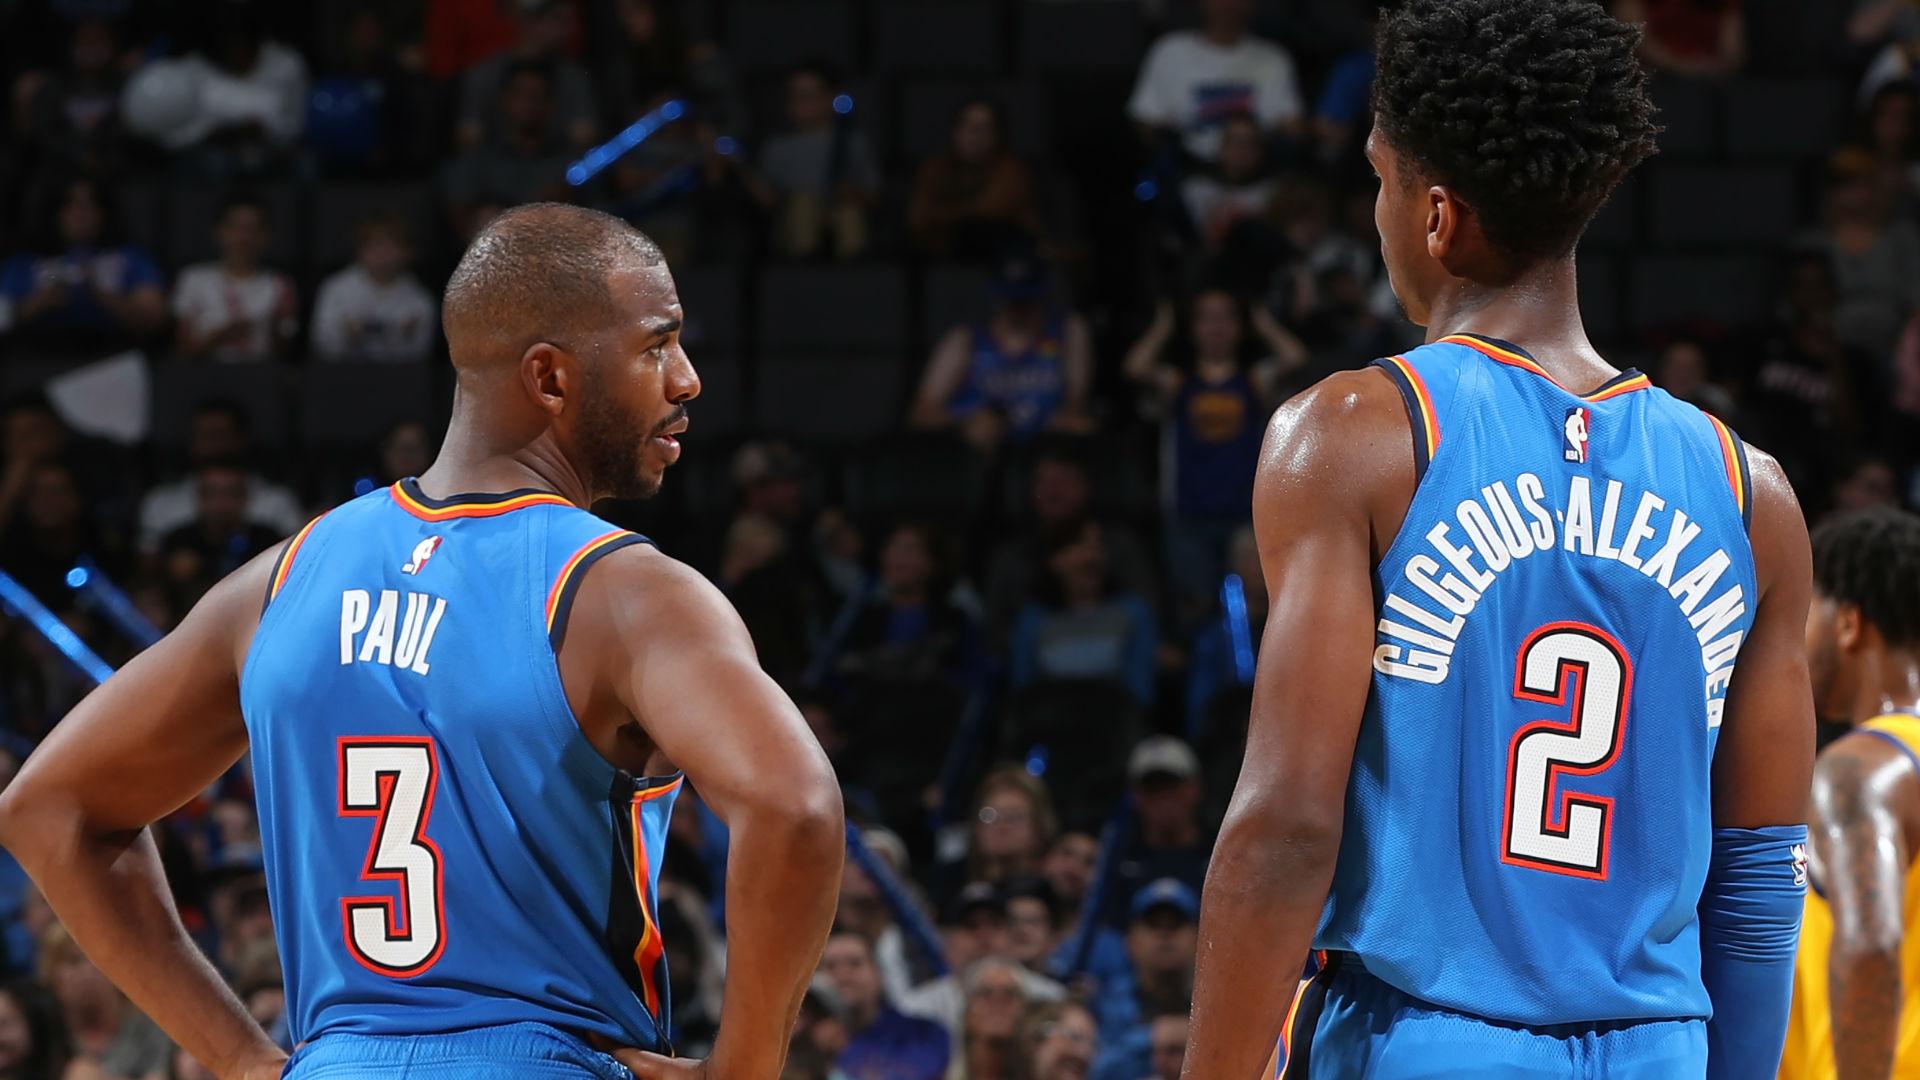 بسکتبال-بروکلین-دیترویت-سن آنتونیو-NBA Basketball